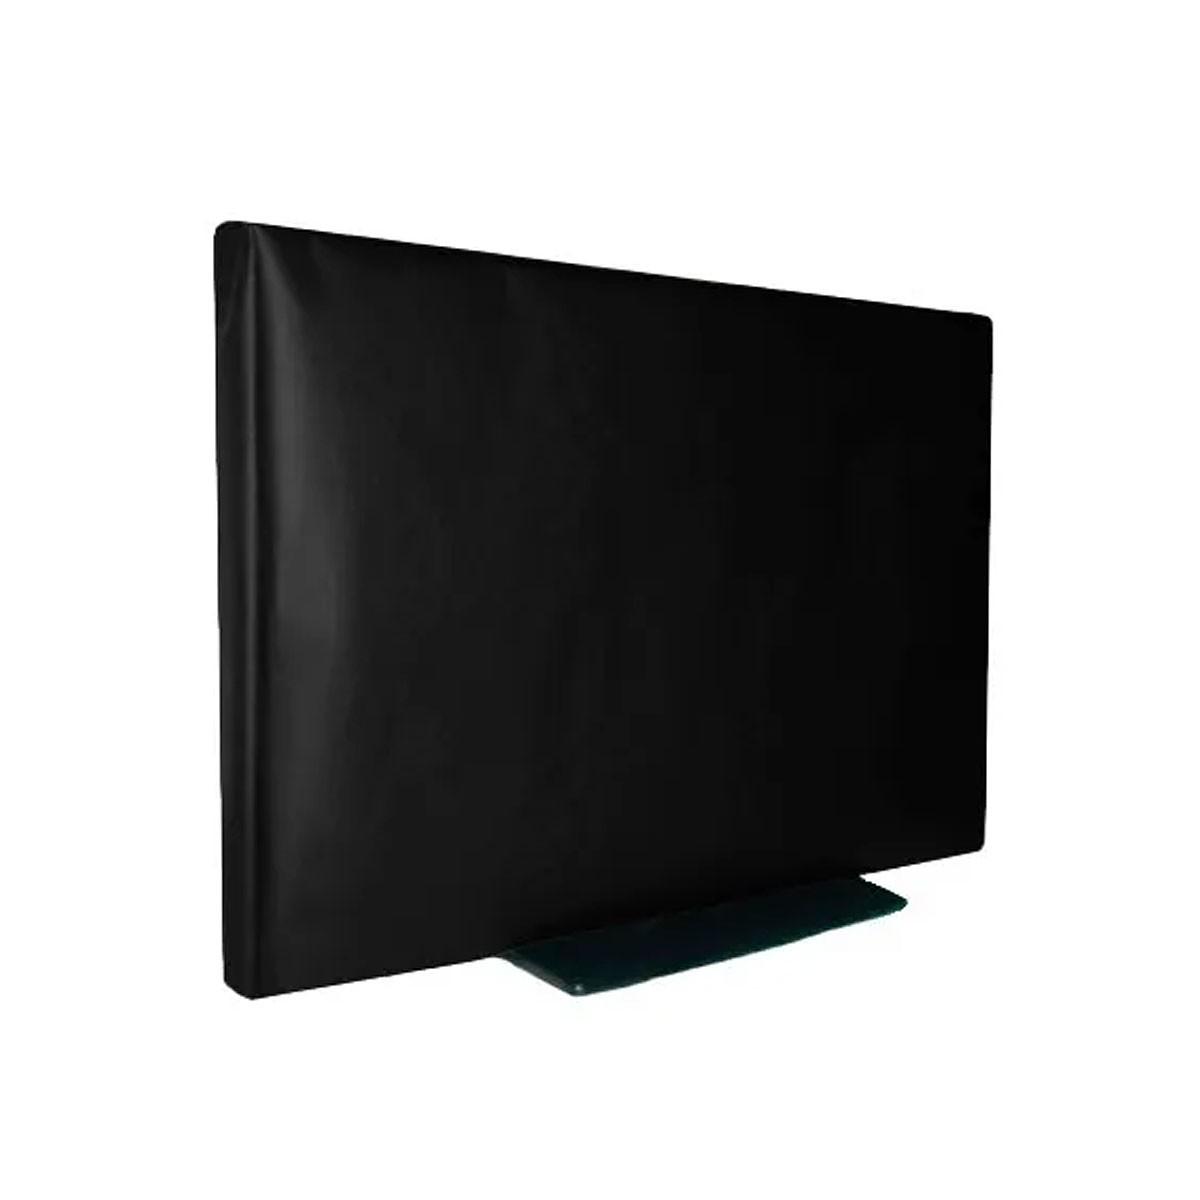 Capa Tv Lcd 42 Em Corino Com Velcro Não Sai Com O Vento